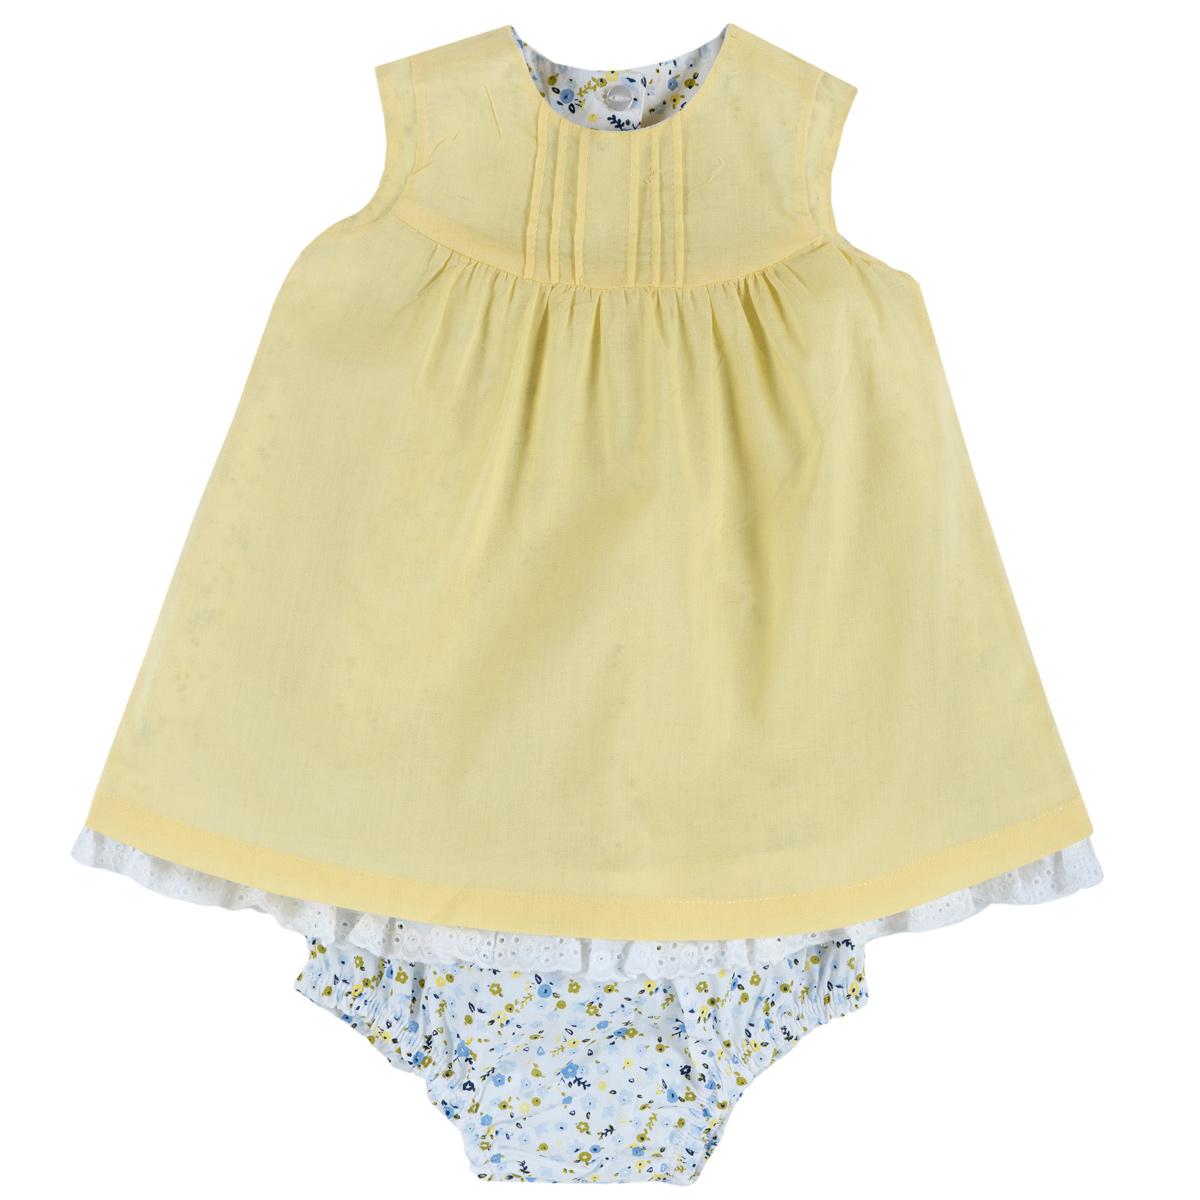 Chicco Set rochita si chilotel pentru fetite Chicco galben deschis 80